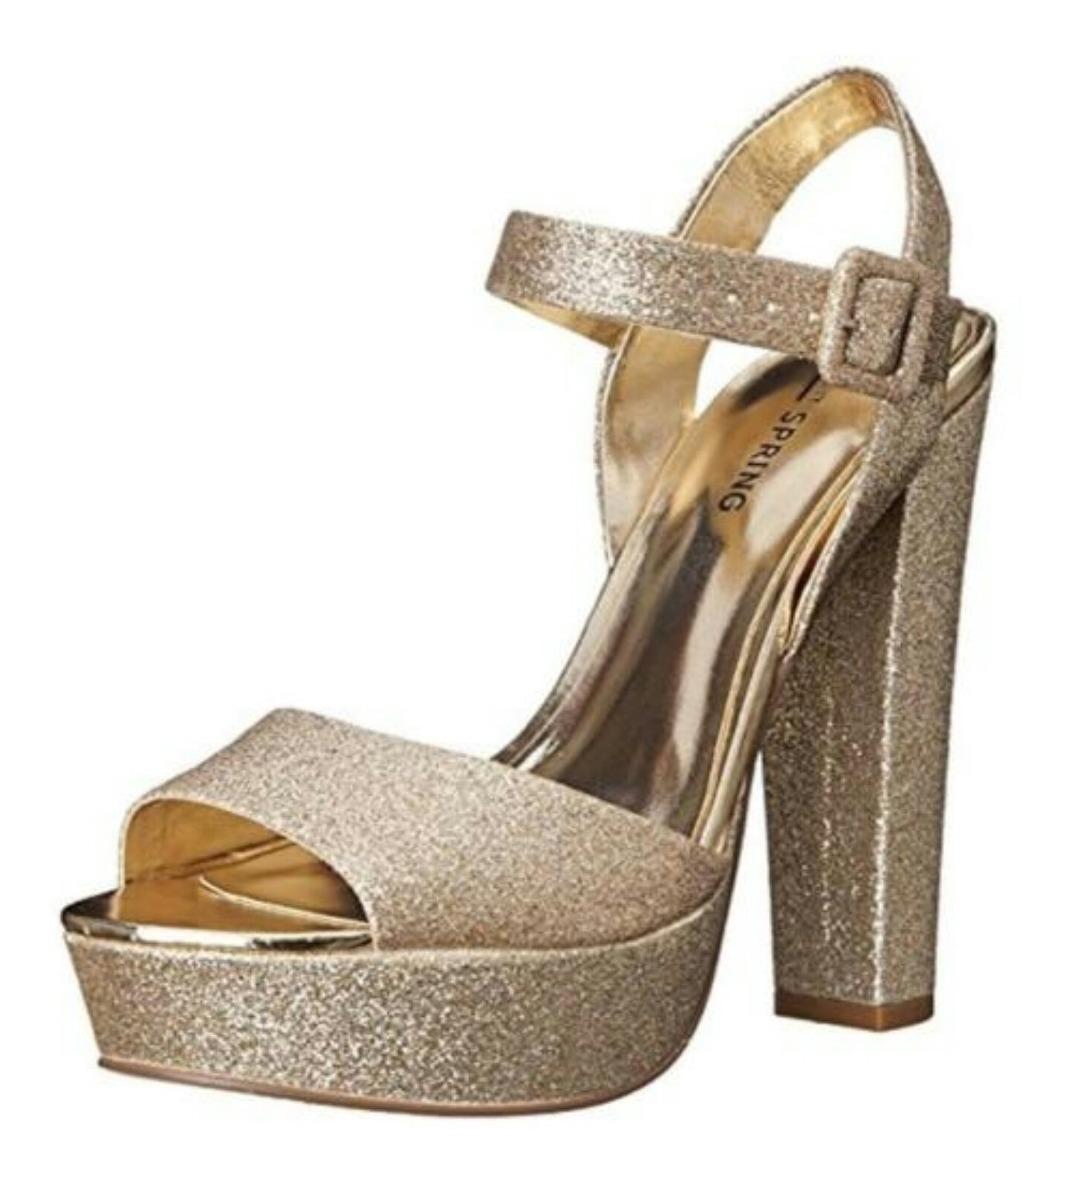 diseño de calidad 3df6a 1b880 Sandalias Zapatos Plataforma Dorados Fiesta. 37.5 Serenity